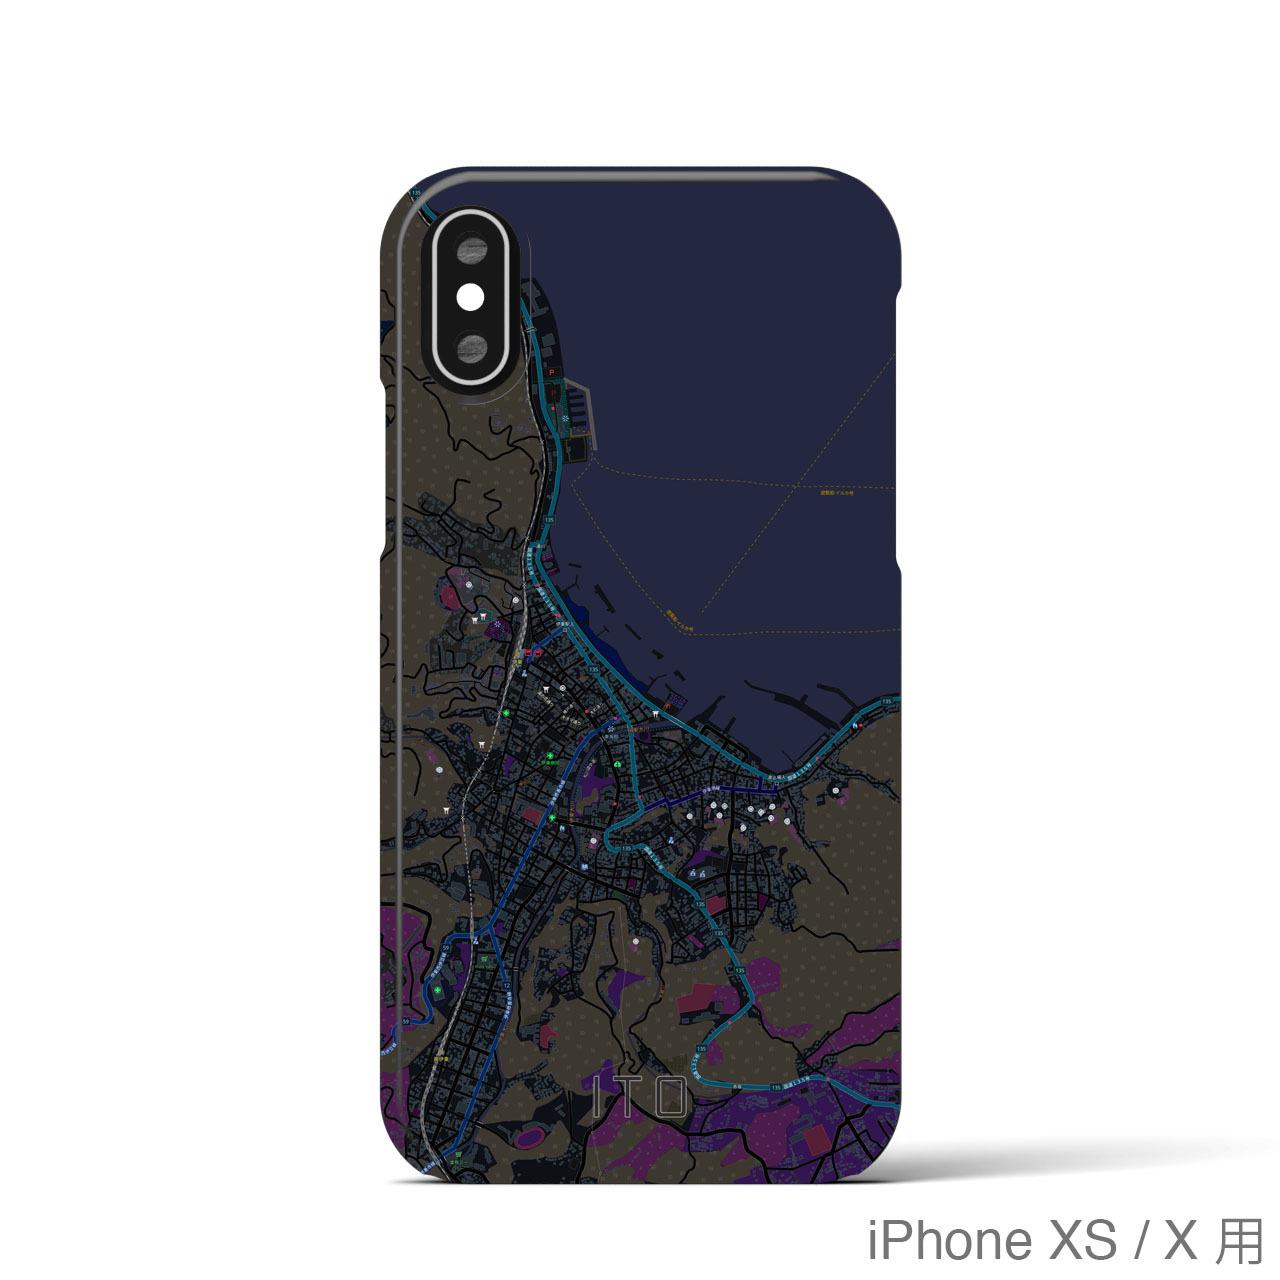 【伊東】地図柄iPhoneケース(バックカバータイプ・ブラック)